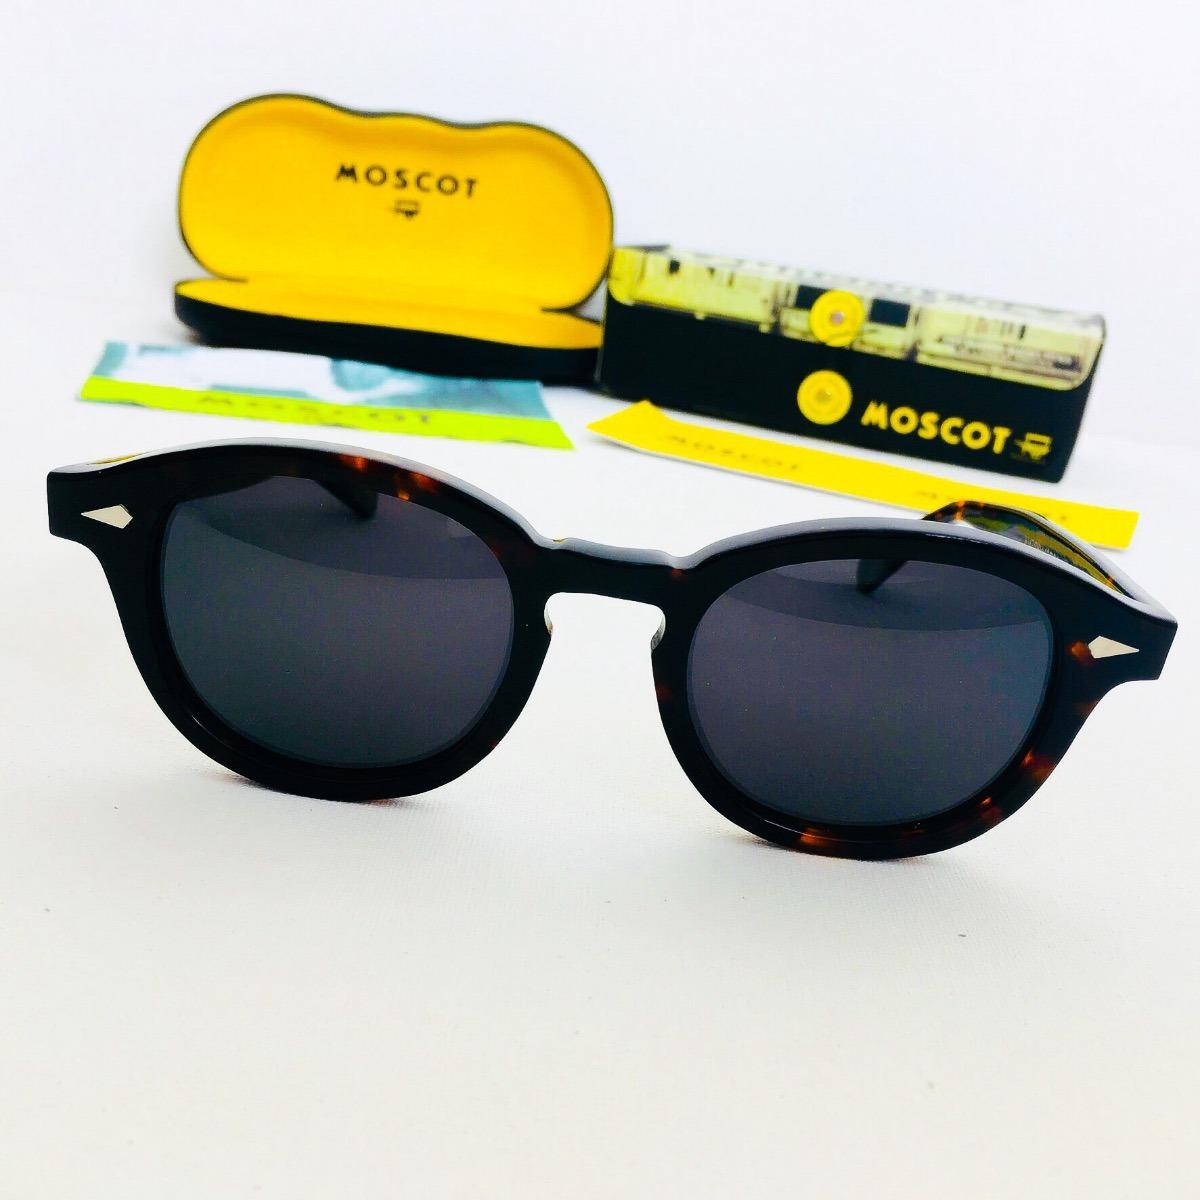 ea2f464200c68 óculos de sol estilo johnny depp moscot tortoise polarizado. Carregando  zoom.